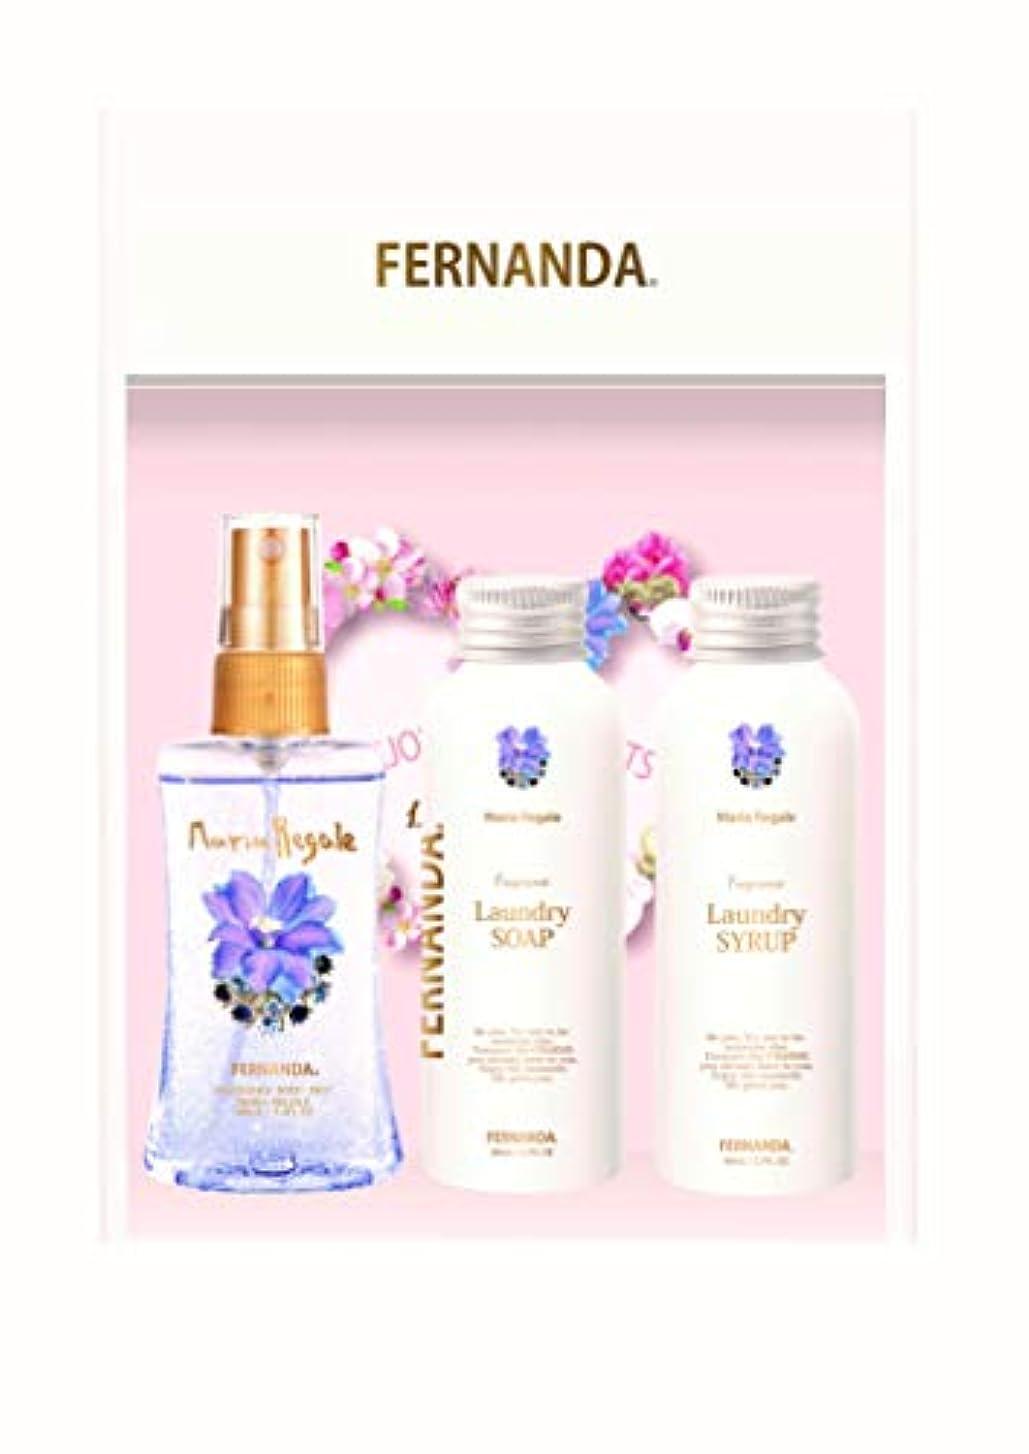 良さ終わり確認するFERNANDA(フェルナンダ)Mist & Laundry Soap & Laungry Syrup Gift Set Maria Regale (ミスト&ランドリーソープ & ランドリーシロップ ギフトセット マリアリゲル)